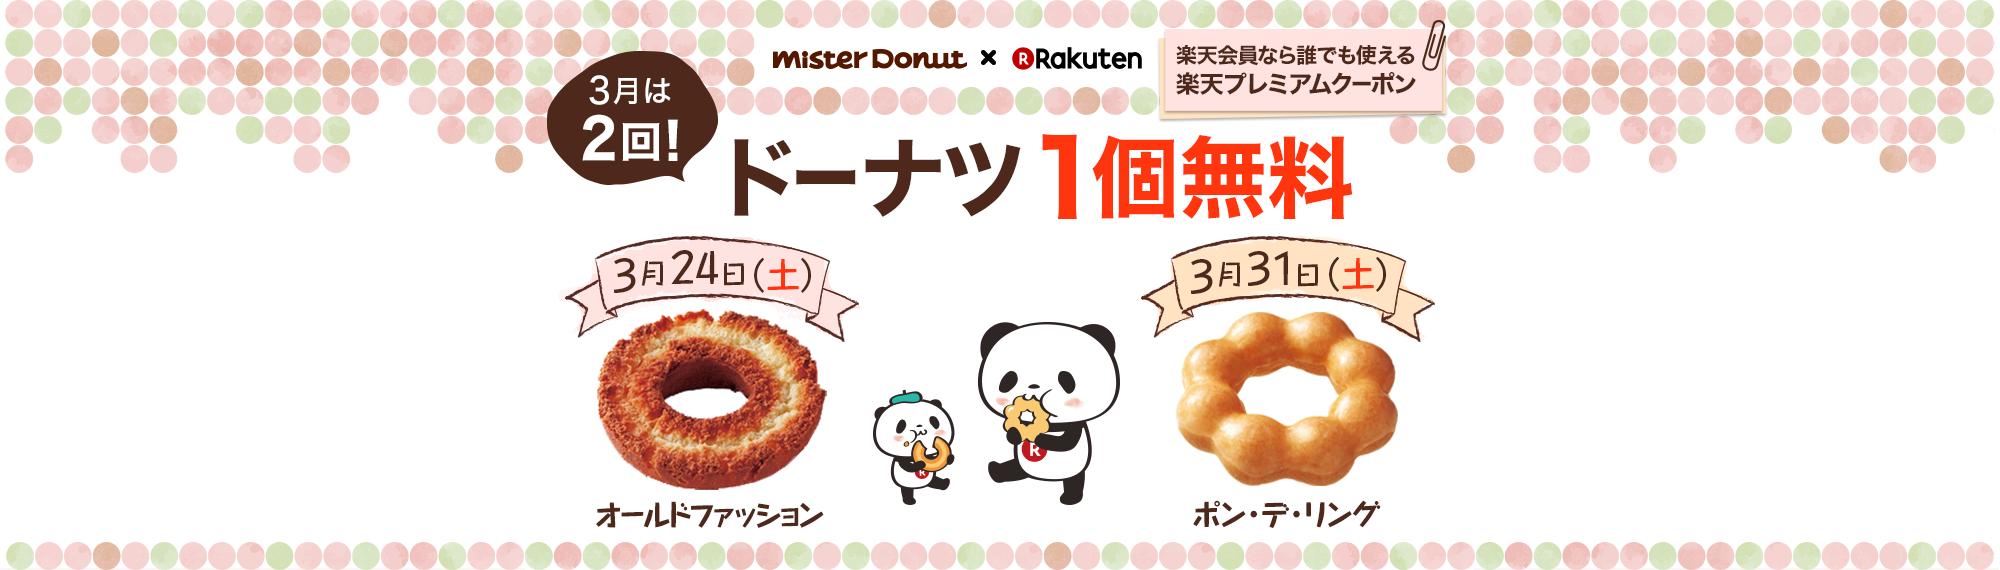 【ミスタードーナツ】3月24日(土)・31日(土)はドーナツ1個無料!